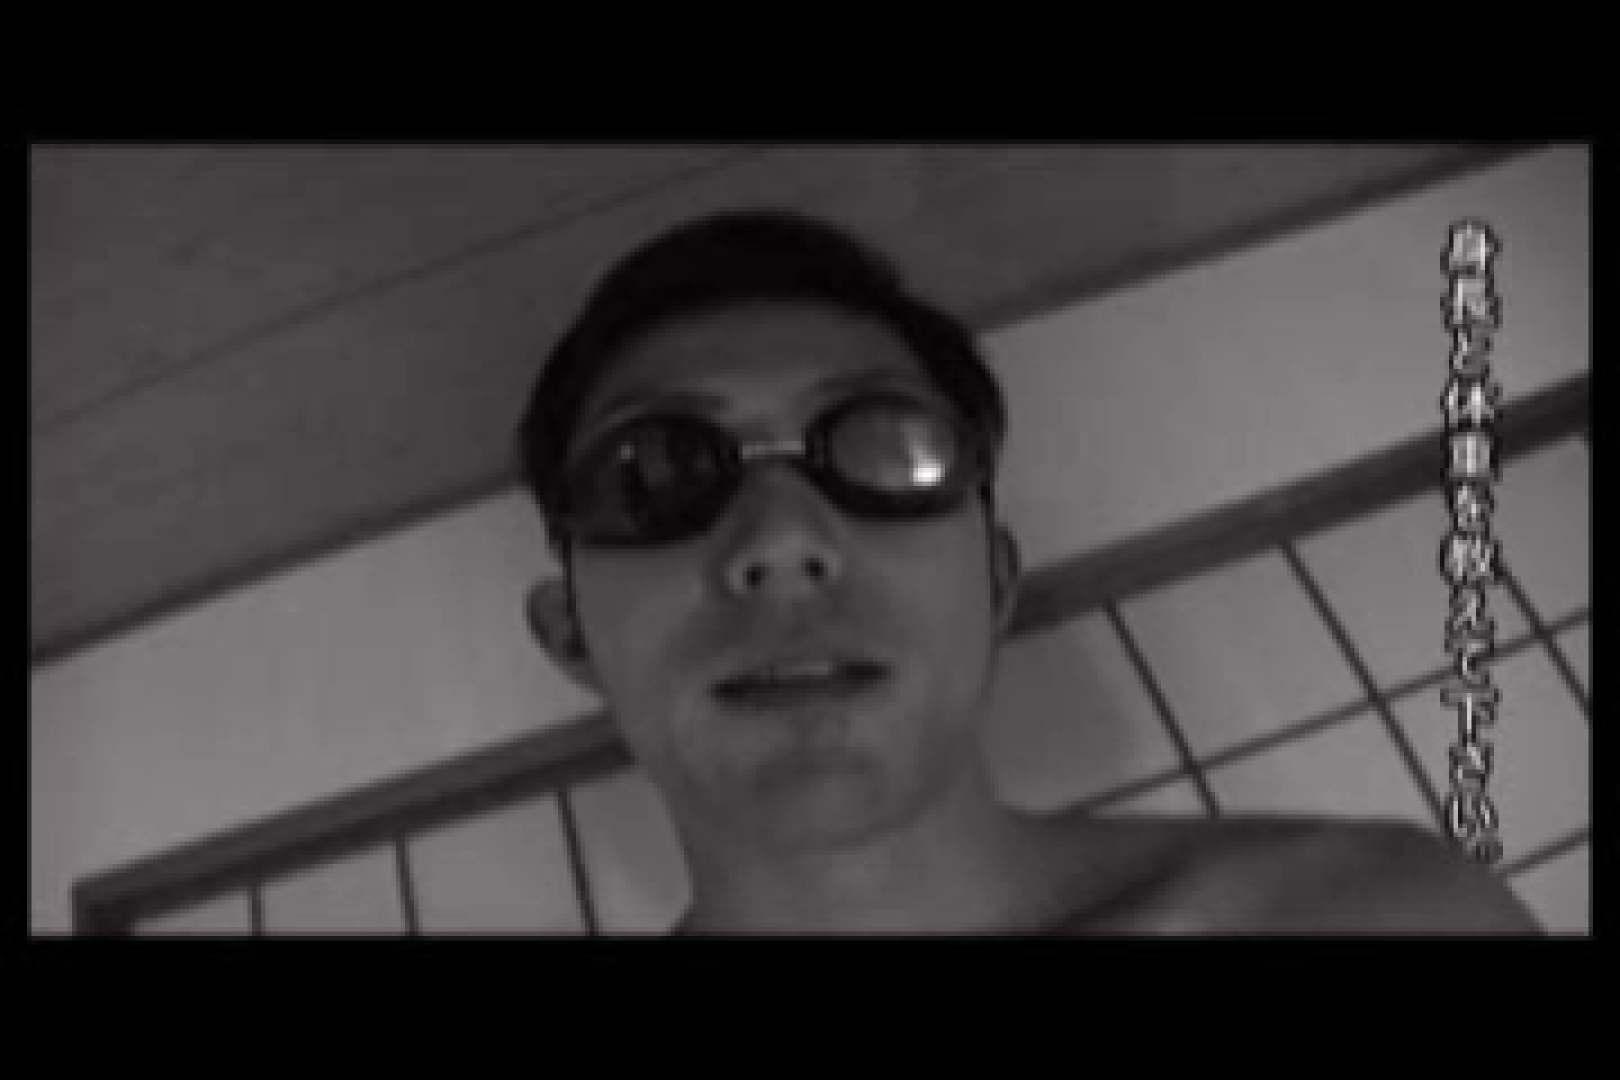 スジ筋ガチムチゴーグルマンvol2 チンコ | ディープキス 射精無修正動画 70pic 1